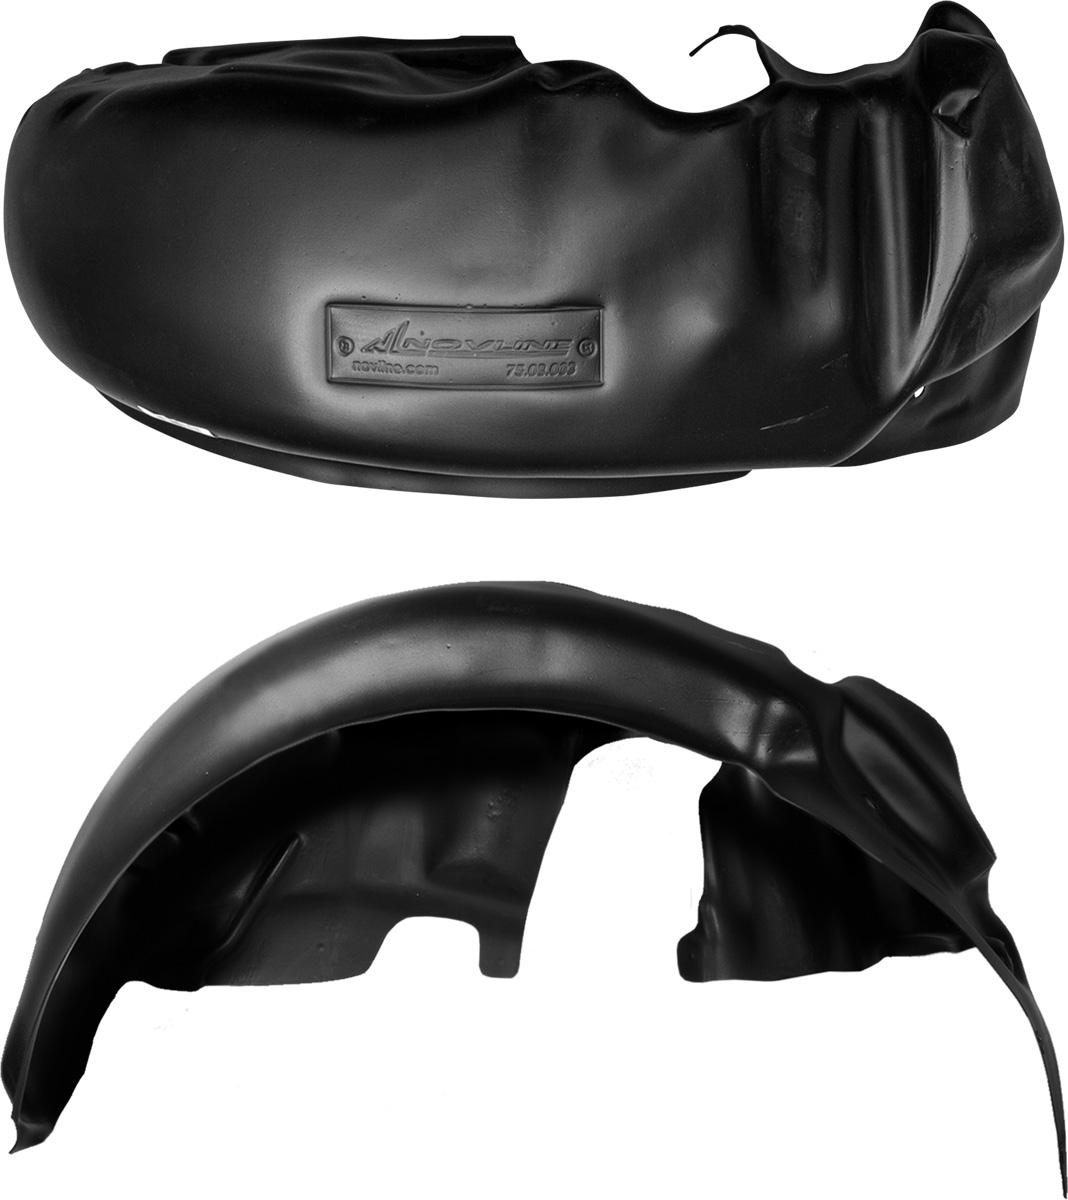 Подкрылок Novline-Autofamily, для УАЗ 3741, 1990->, передний правыйNLL.54.02.002Колесные ниши - одни из самых уязвимых зон днища вашего автомобиля. Они постоянно подвергаются воздействию со стороны дороги. Лучшая, почти абсолютная защита для них - специально отформованные пластиковые кожухи, которые называются подкрылками. Производятся они как для отечественных моделей автомобилей, так и для иномарок. Подкрылки Novline-Autofamily выполнены из высококачественного, экологически чистого пластика. Обеспечивают надежную защиту кузова автомобиля от пескоструйного эффекта и негативного влияния, агрессивных антигололедных реагентов. Пластик обладает более низкой теплопроводностью, чем металл, поэтому в зимний период эксплуатации использование пластиковых подкрылков позволяет лучше защитить колесные ниши от налипания снега и образования наледи. Оригинальность конструкции подчеркивает элегантность автомобиля, бережно защищает нанесенное на днище кузова антикоррозийное покрытие и позволяет осуществить крепление подкрылков внутри колесной арки практически без дополнительного крепежа и сверления, не нарушая при этом лакокрасочного покрытия, что предотвращает возникновение новых очагов коррозии. Подкрылки долговечны, обладают высокой прочностью и сохраняют заданную форму, а также все свои физико-механические характеристики в самых тяжелых климатических условиях (от -50°С до +50°С).Уважаемые клиенты!Обращаем ваше внимание, на тот факт, что подкрылок имеет форму, соответствующую модели данного автомобиля. Фото служит для визуального восприятия товара.